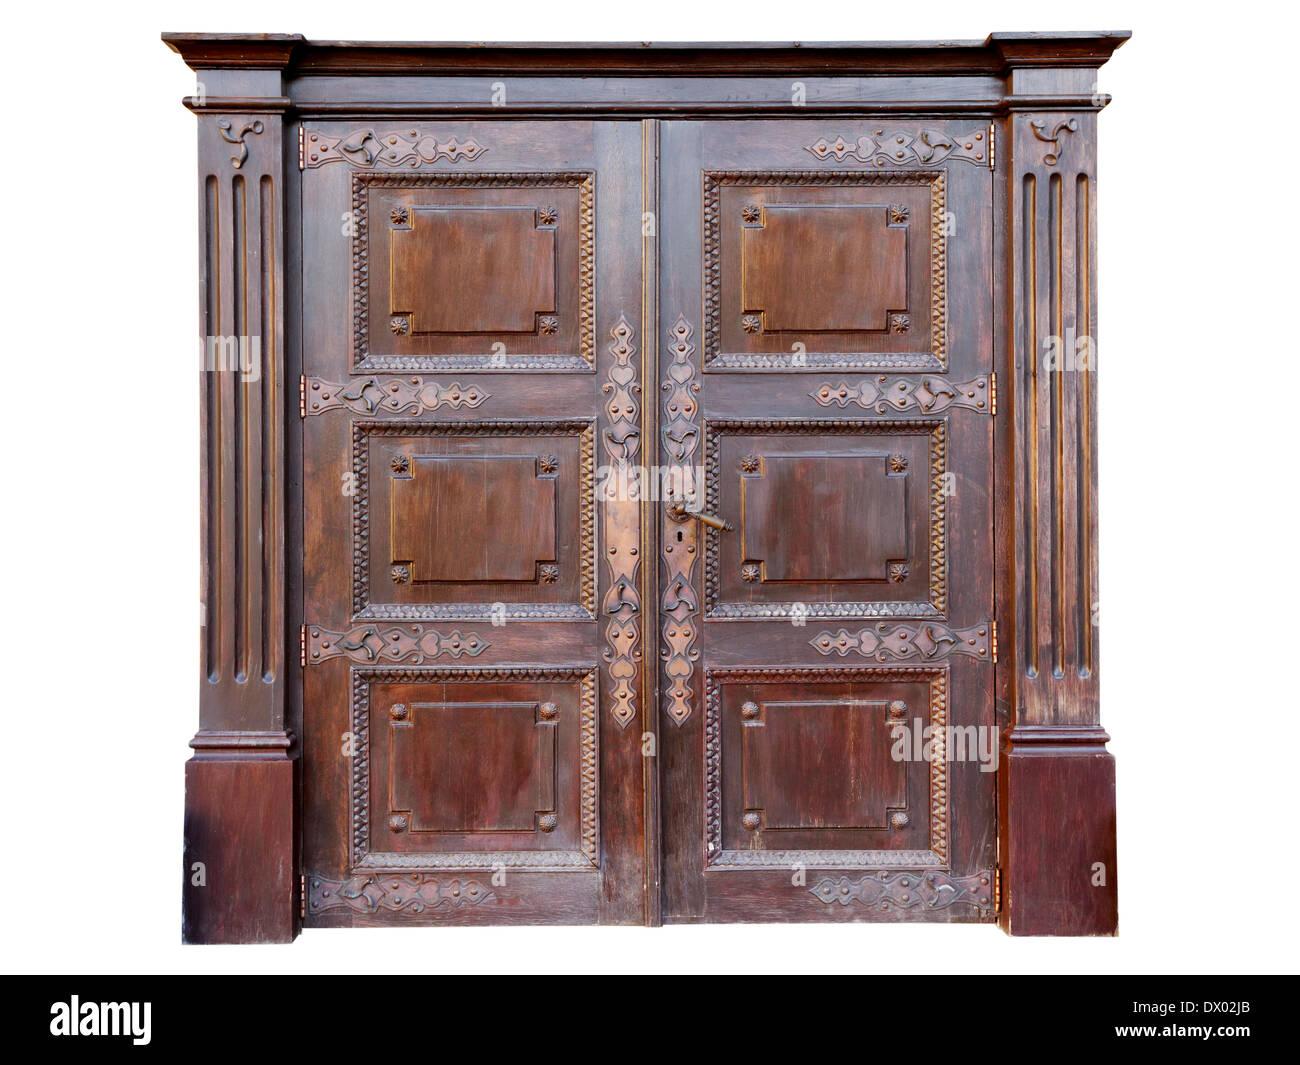 Letti In Ferro Vintage : Vintage porta di ingresso arredata con letti in ferro battuto